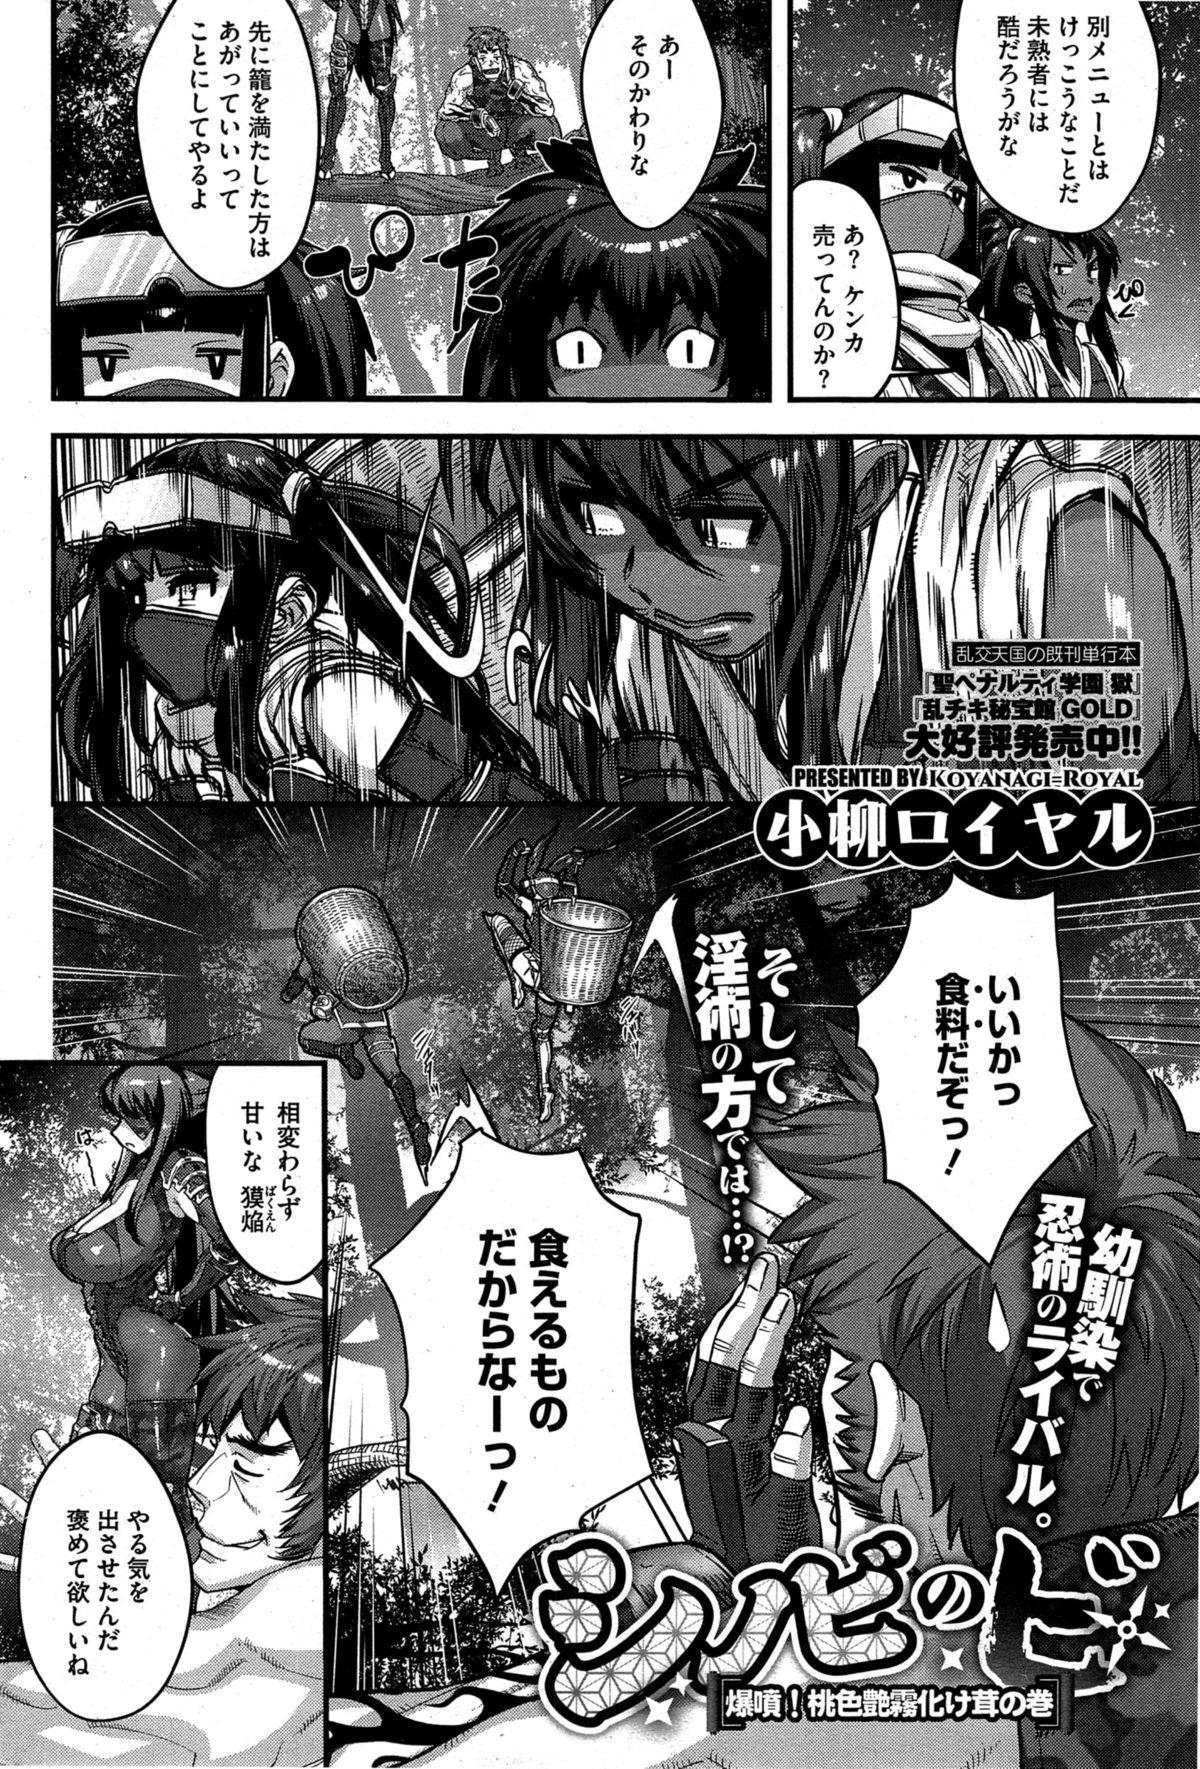 Shinobi no Bi Ch. 1-4 59